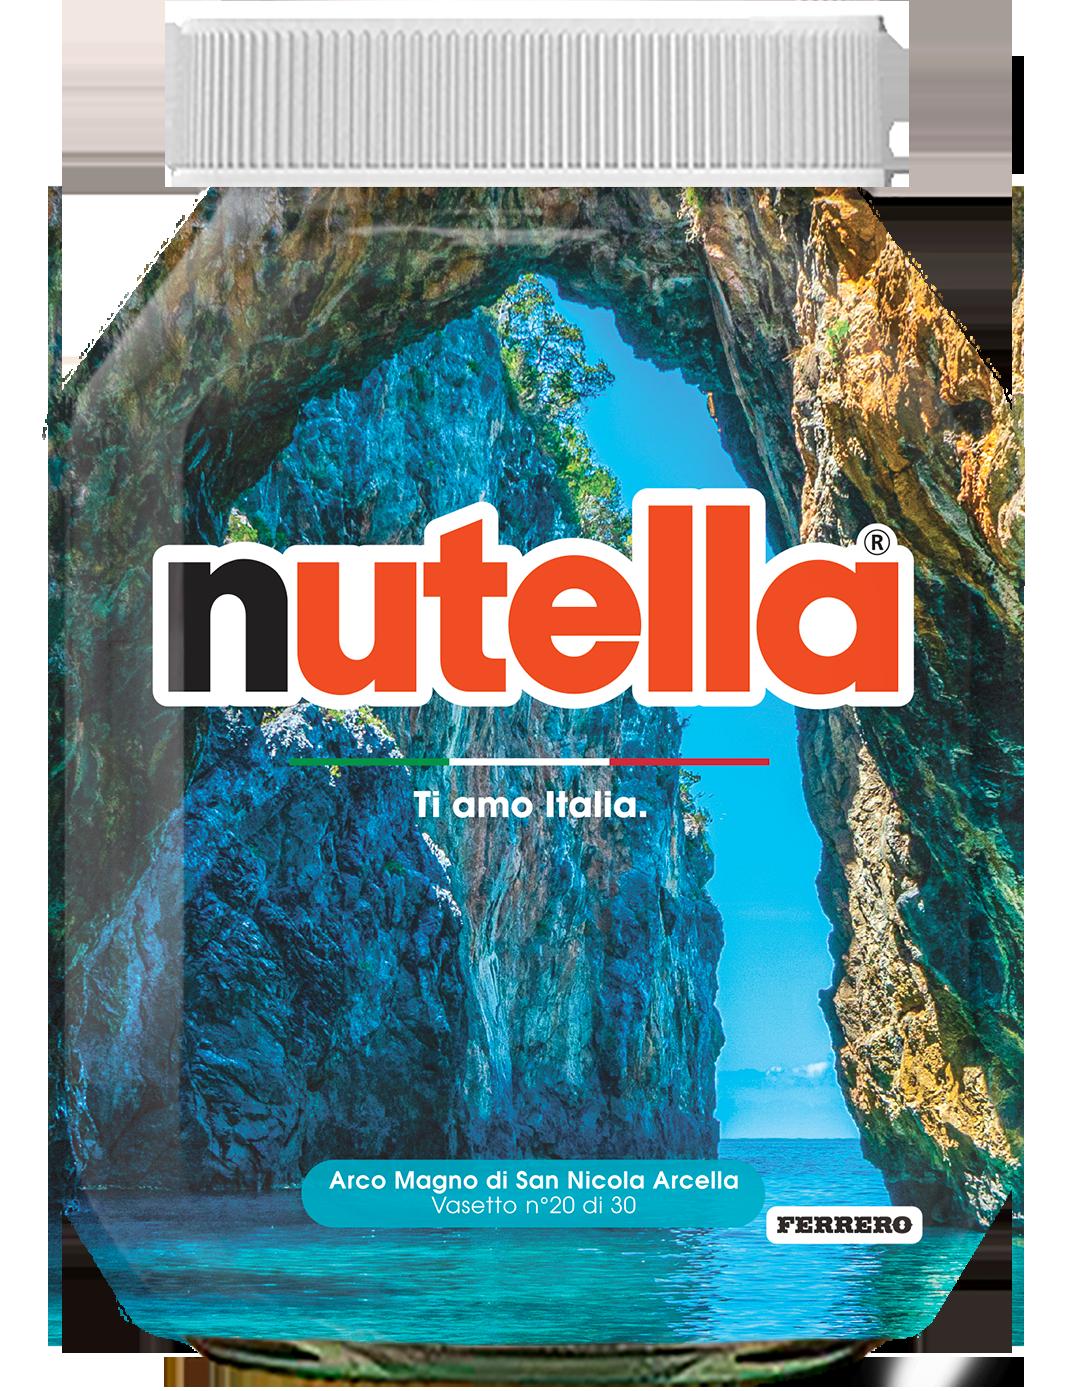 Calabria - Arco Magno di San Nicola Arcella - i vasetti di nutella dedicati all'italia